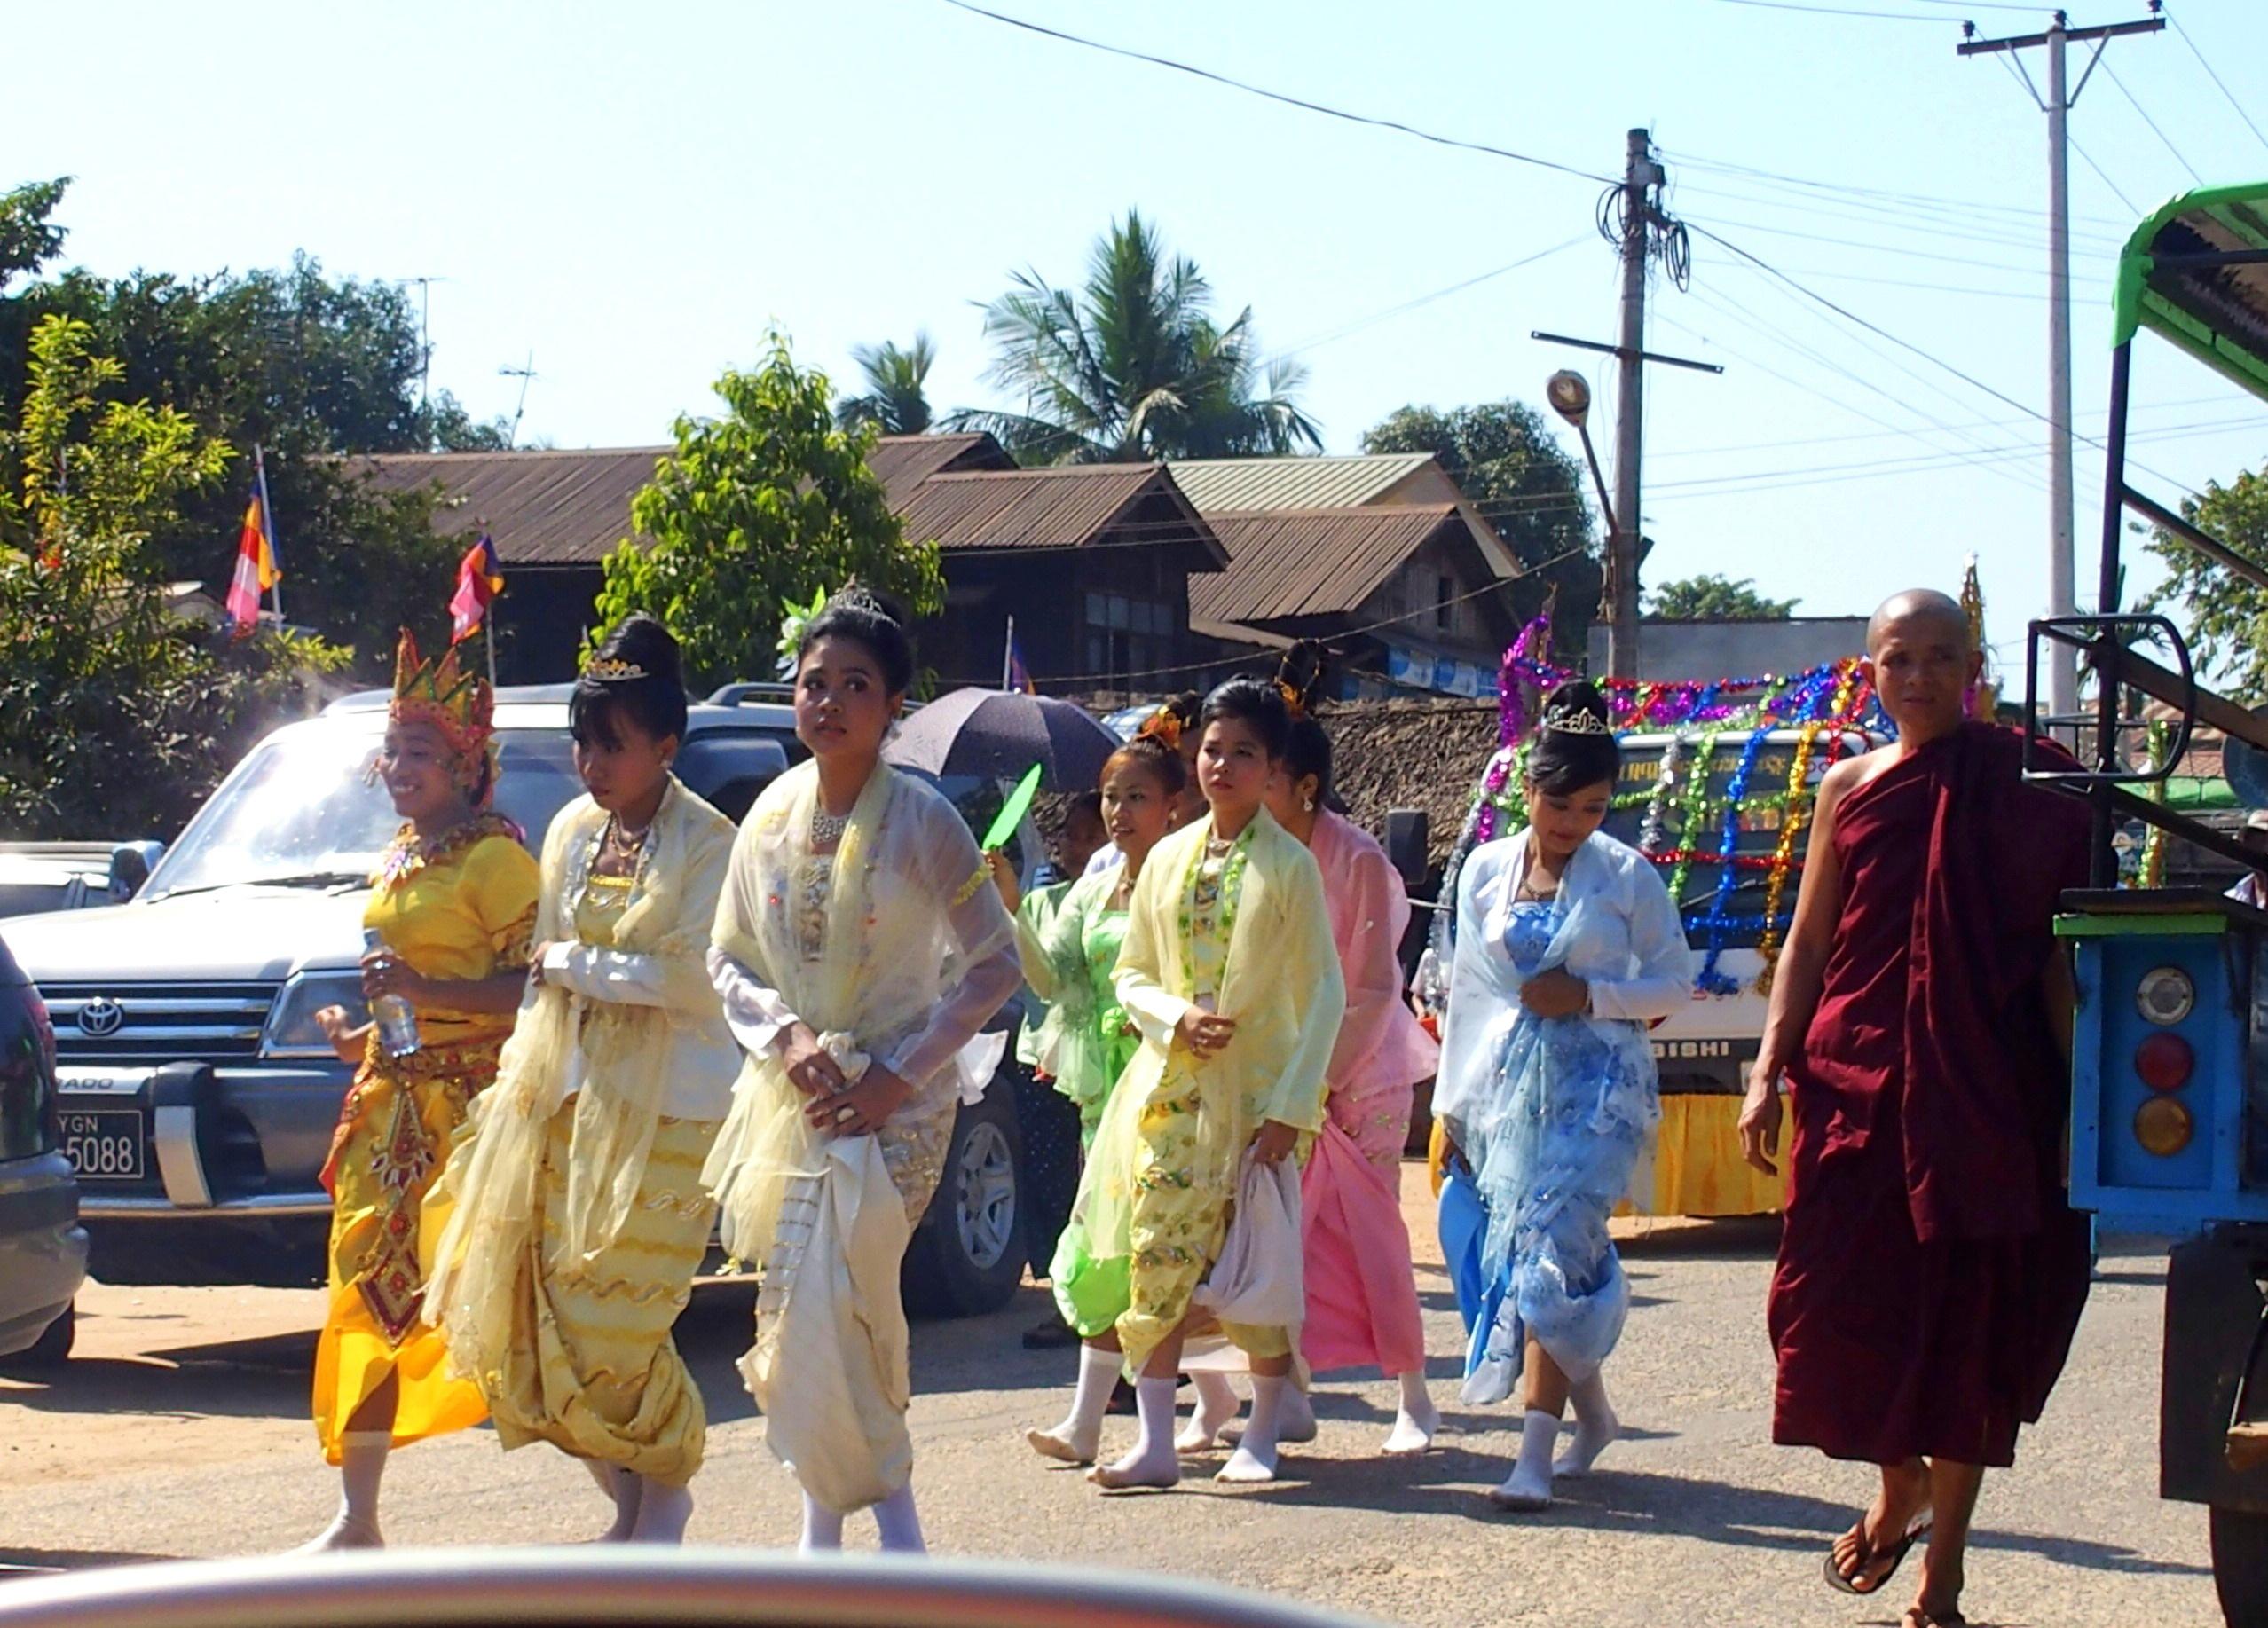 Groupe-de-femmes-cérémonie-incinération-moine-Bago-voyage-Rocher-dOr-Myanmar